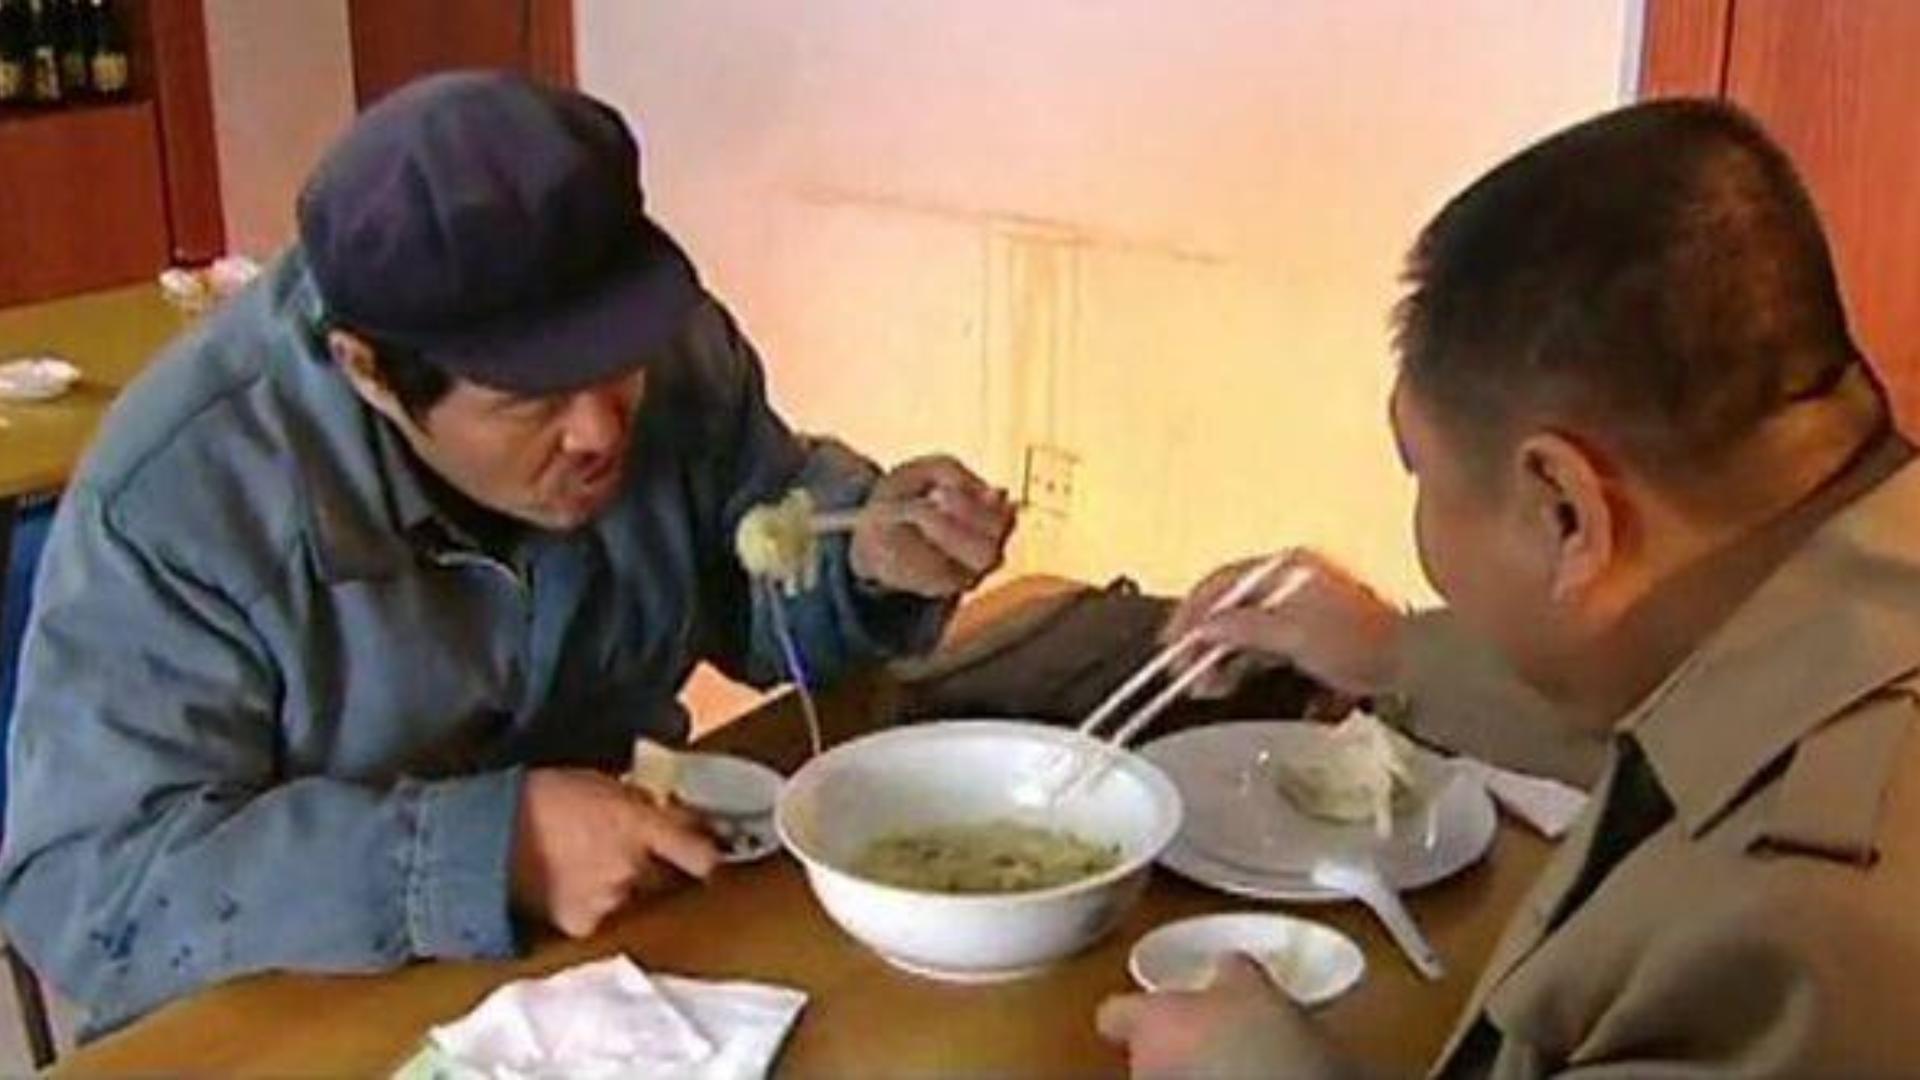 【八景】范伟吃饭合集:烤串烧饼羊肉汤,烧鱼牛蛙方便面